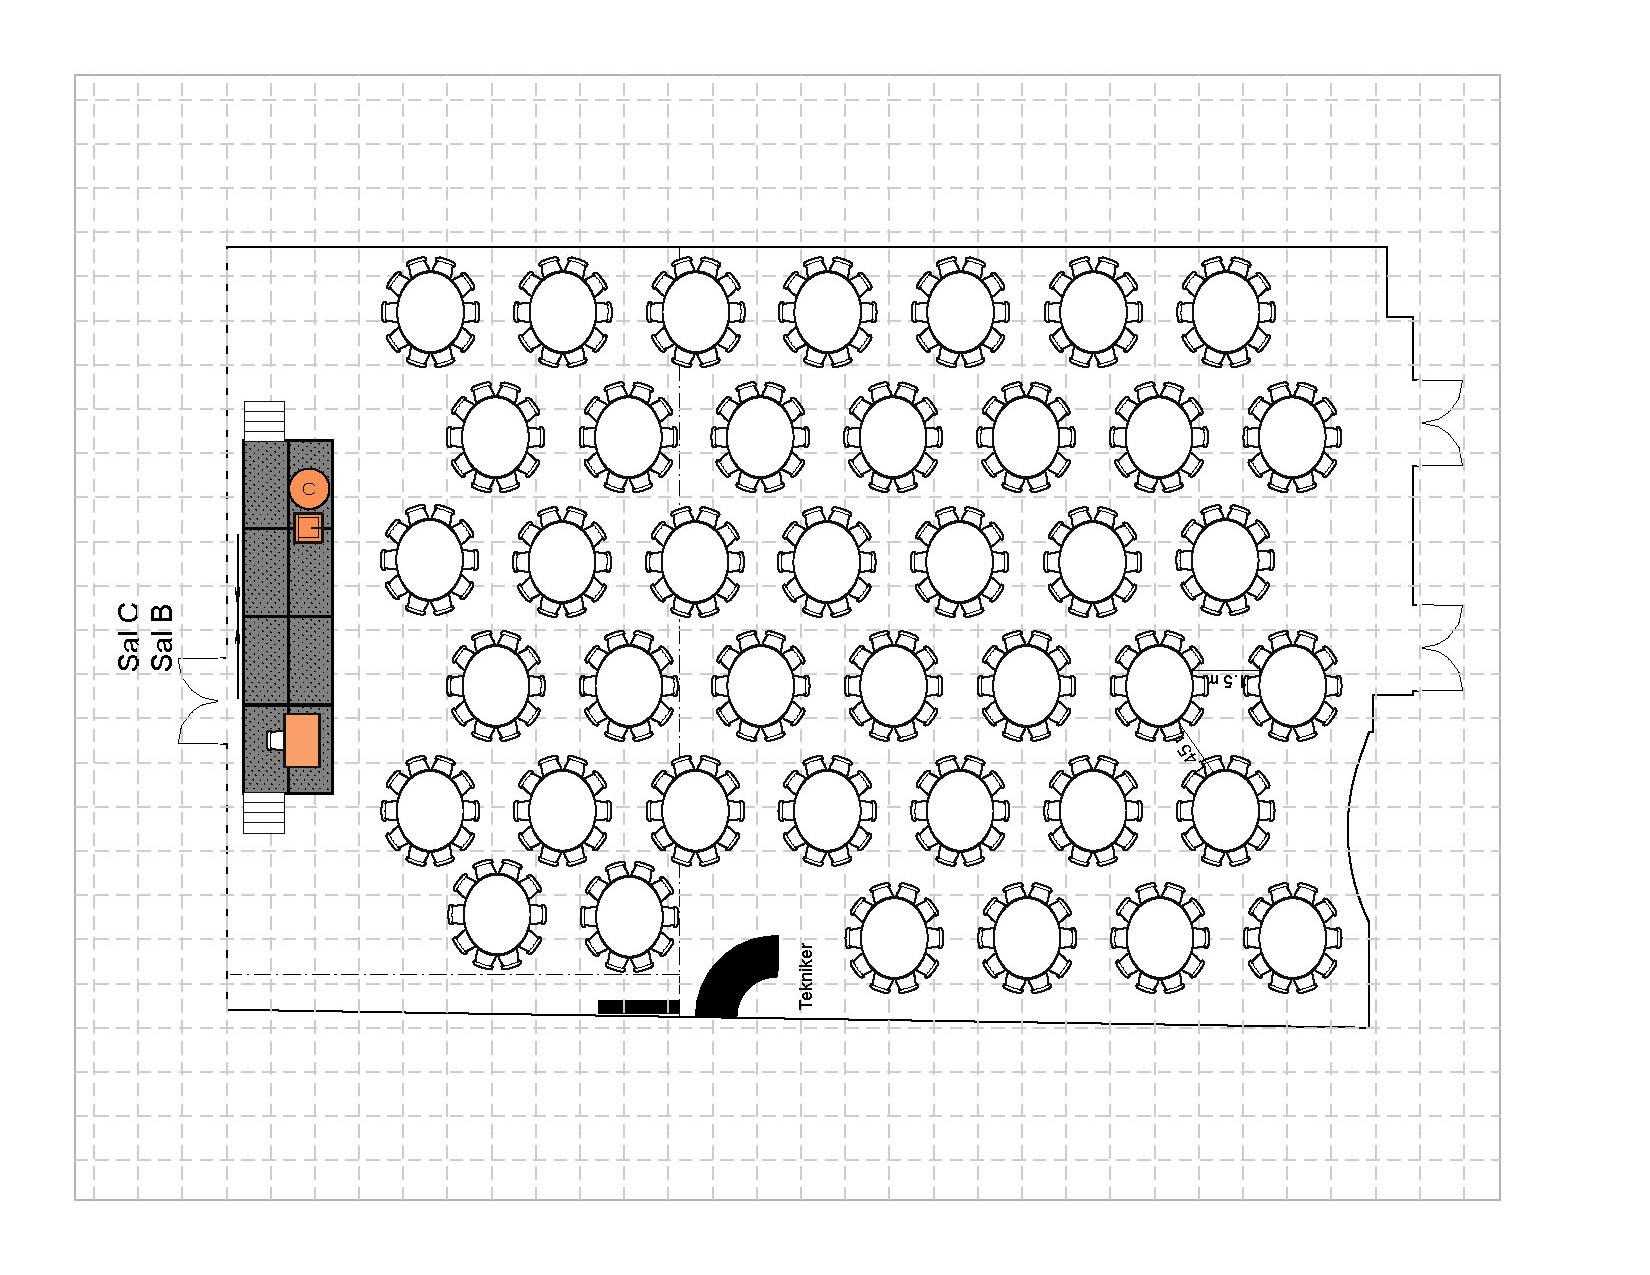 Bankett i rundebord med podiet, 410 plasser